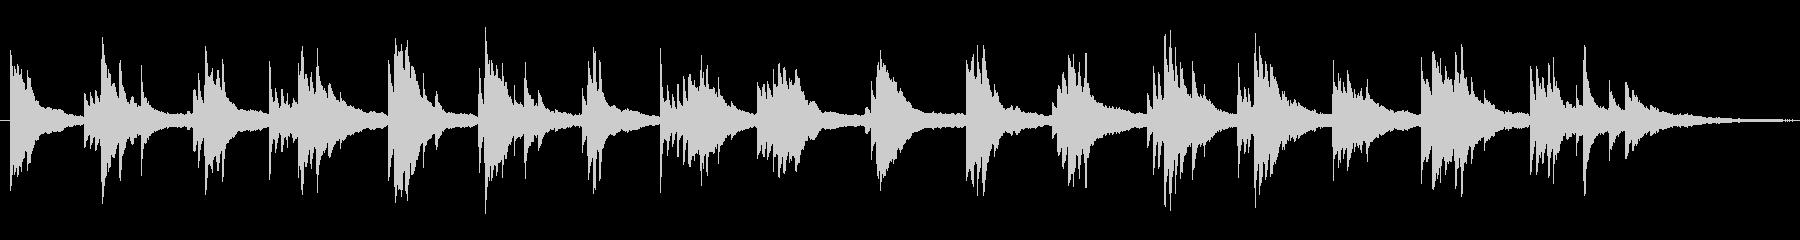 爽やか 物語の始まり 花 ■ ピアノソロの未再生の波形